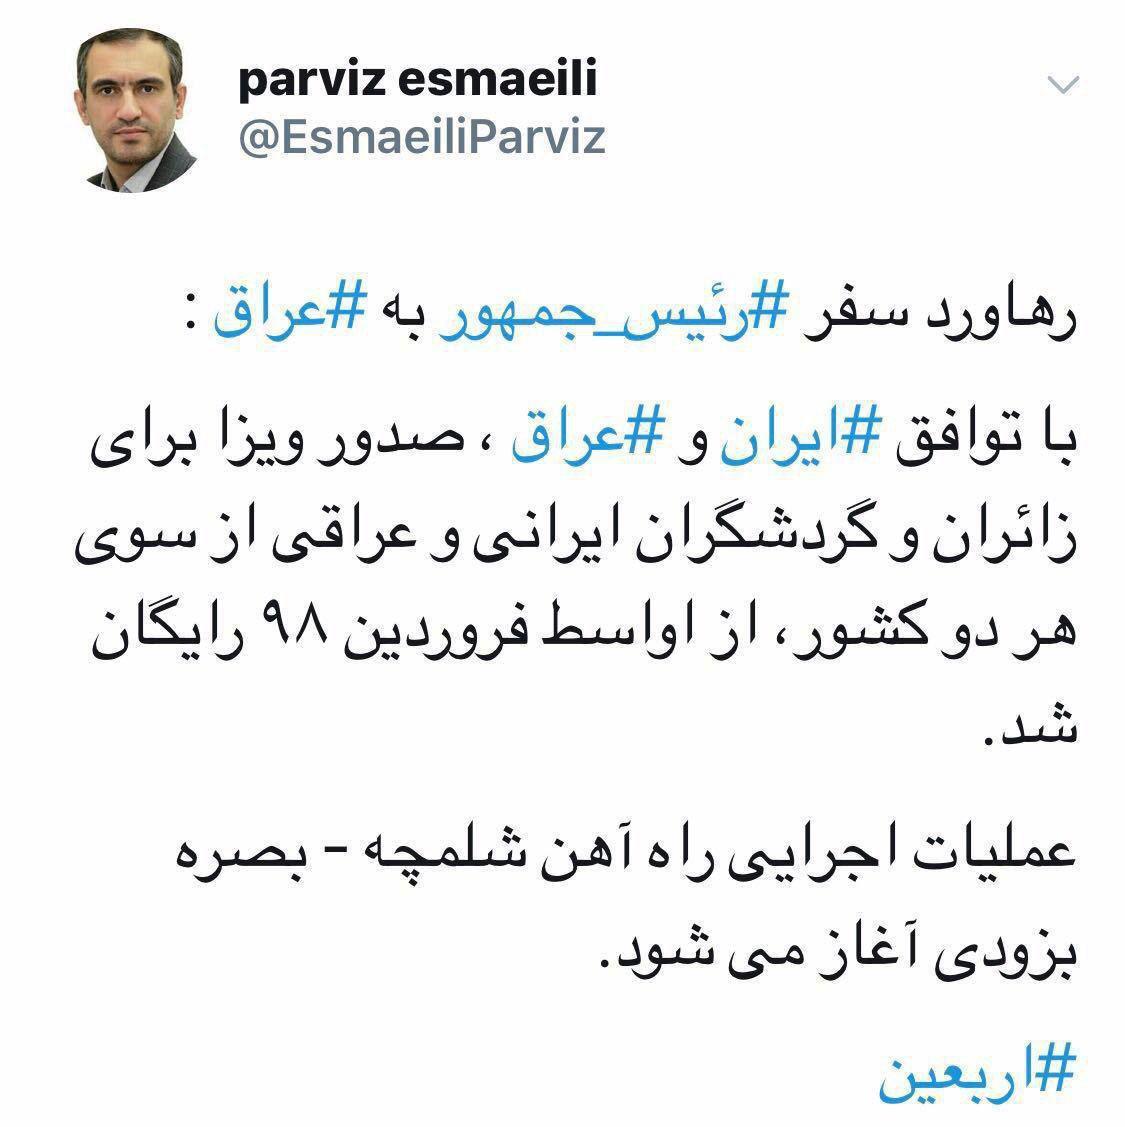 ویزا برای زائران ایرانی و عراقی رایگان میشود